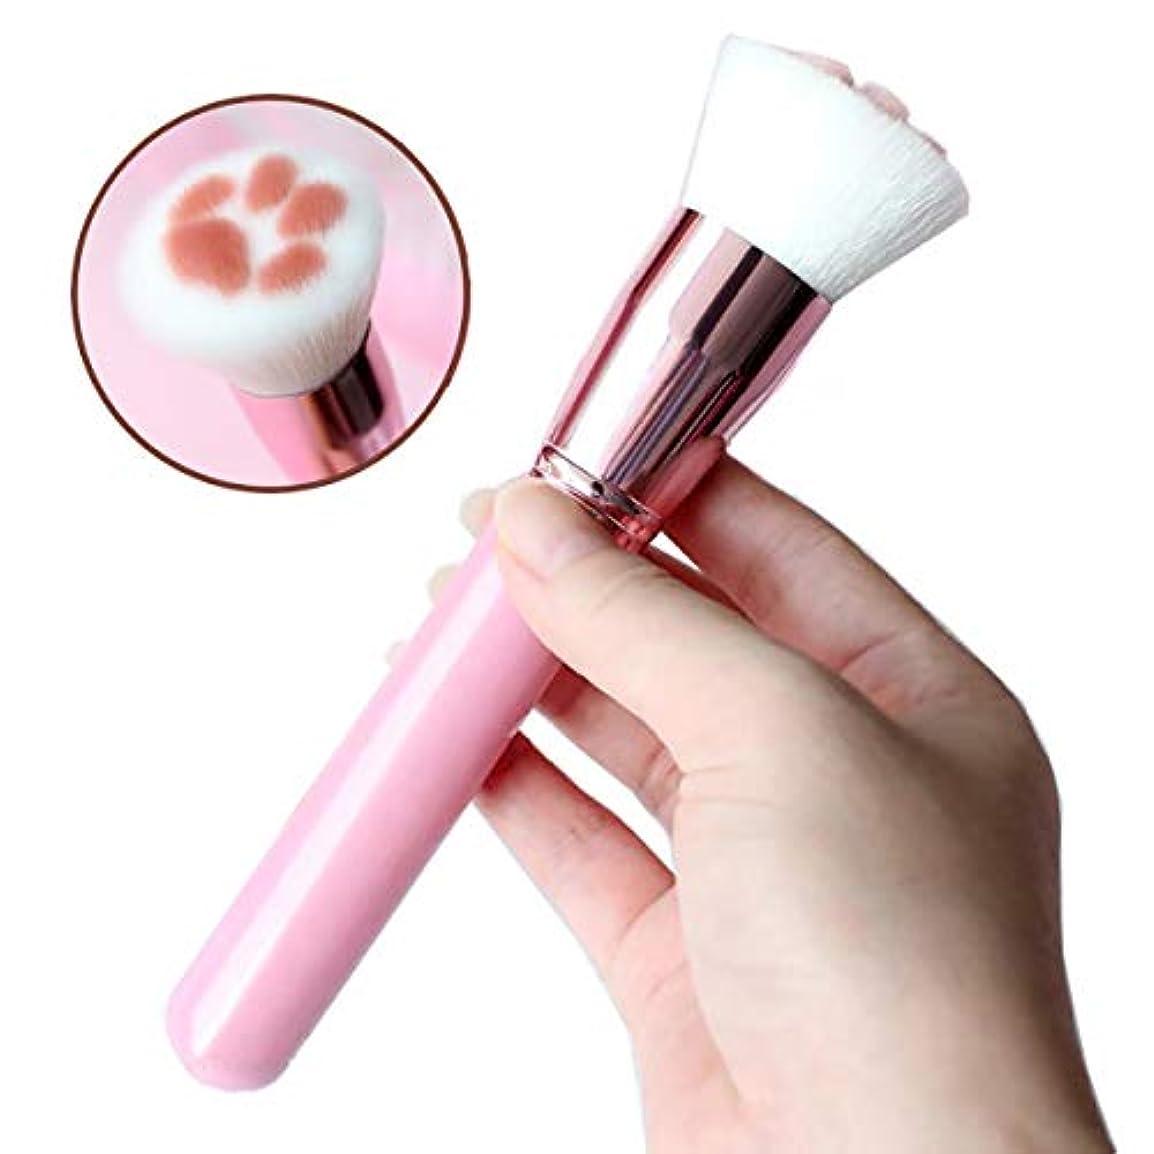 骨髄不幸エイリアス化粧筆 ファンデーションブラシ 高級繊維毛 メイクブラシ 超柔らかい 旅行 人気 可愛い 化粧ブラシ携帯用 (ピンク)